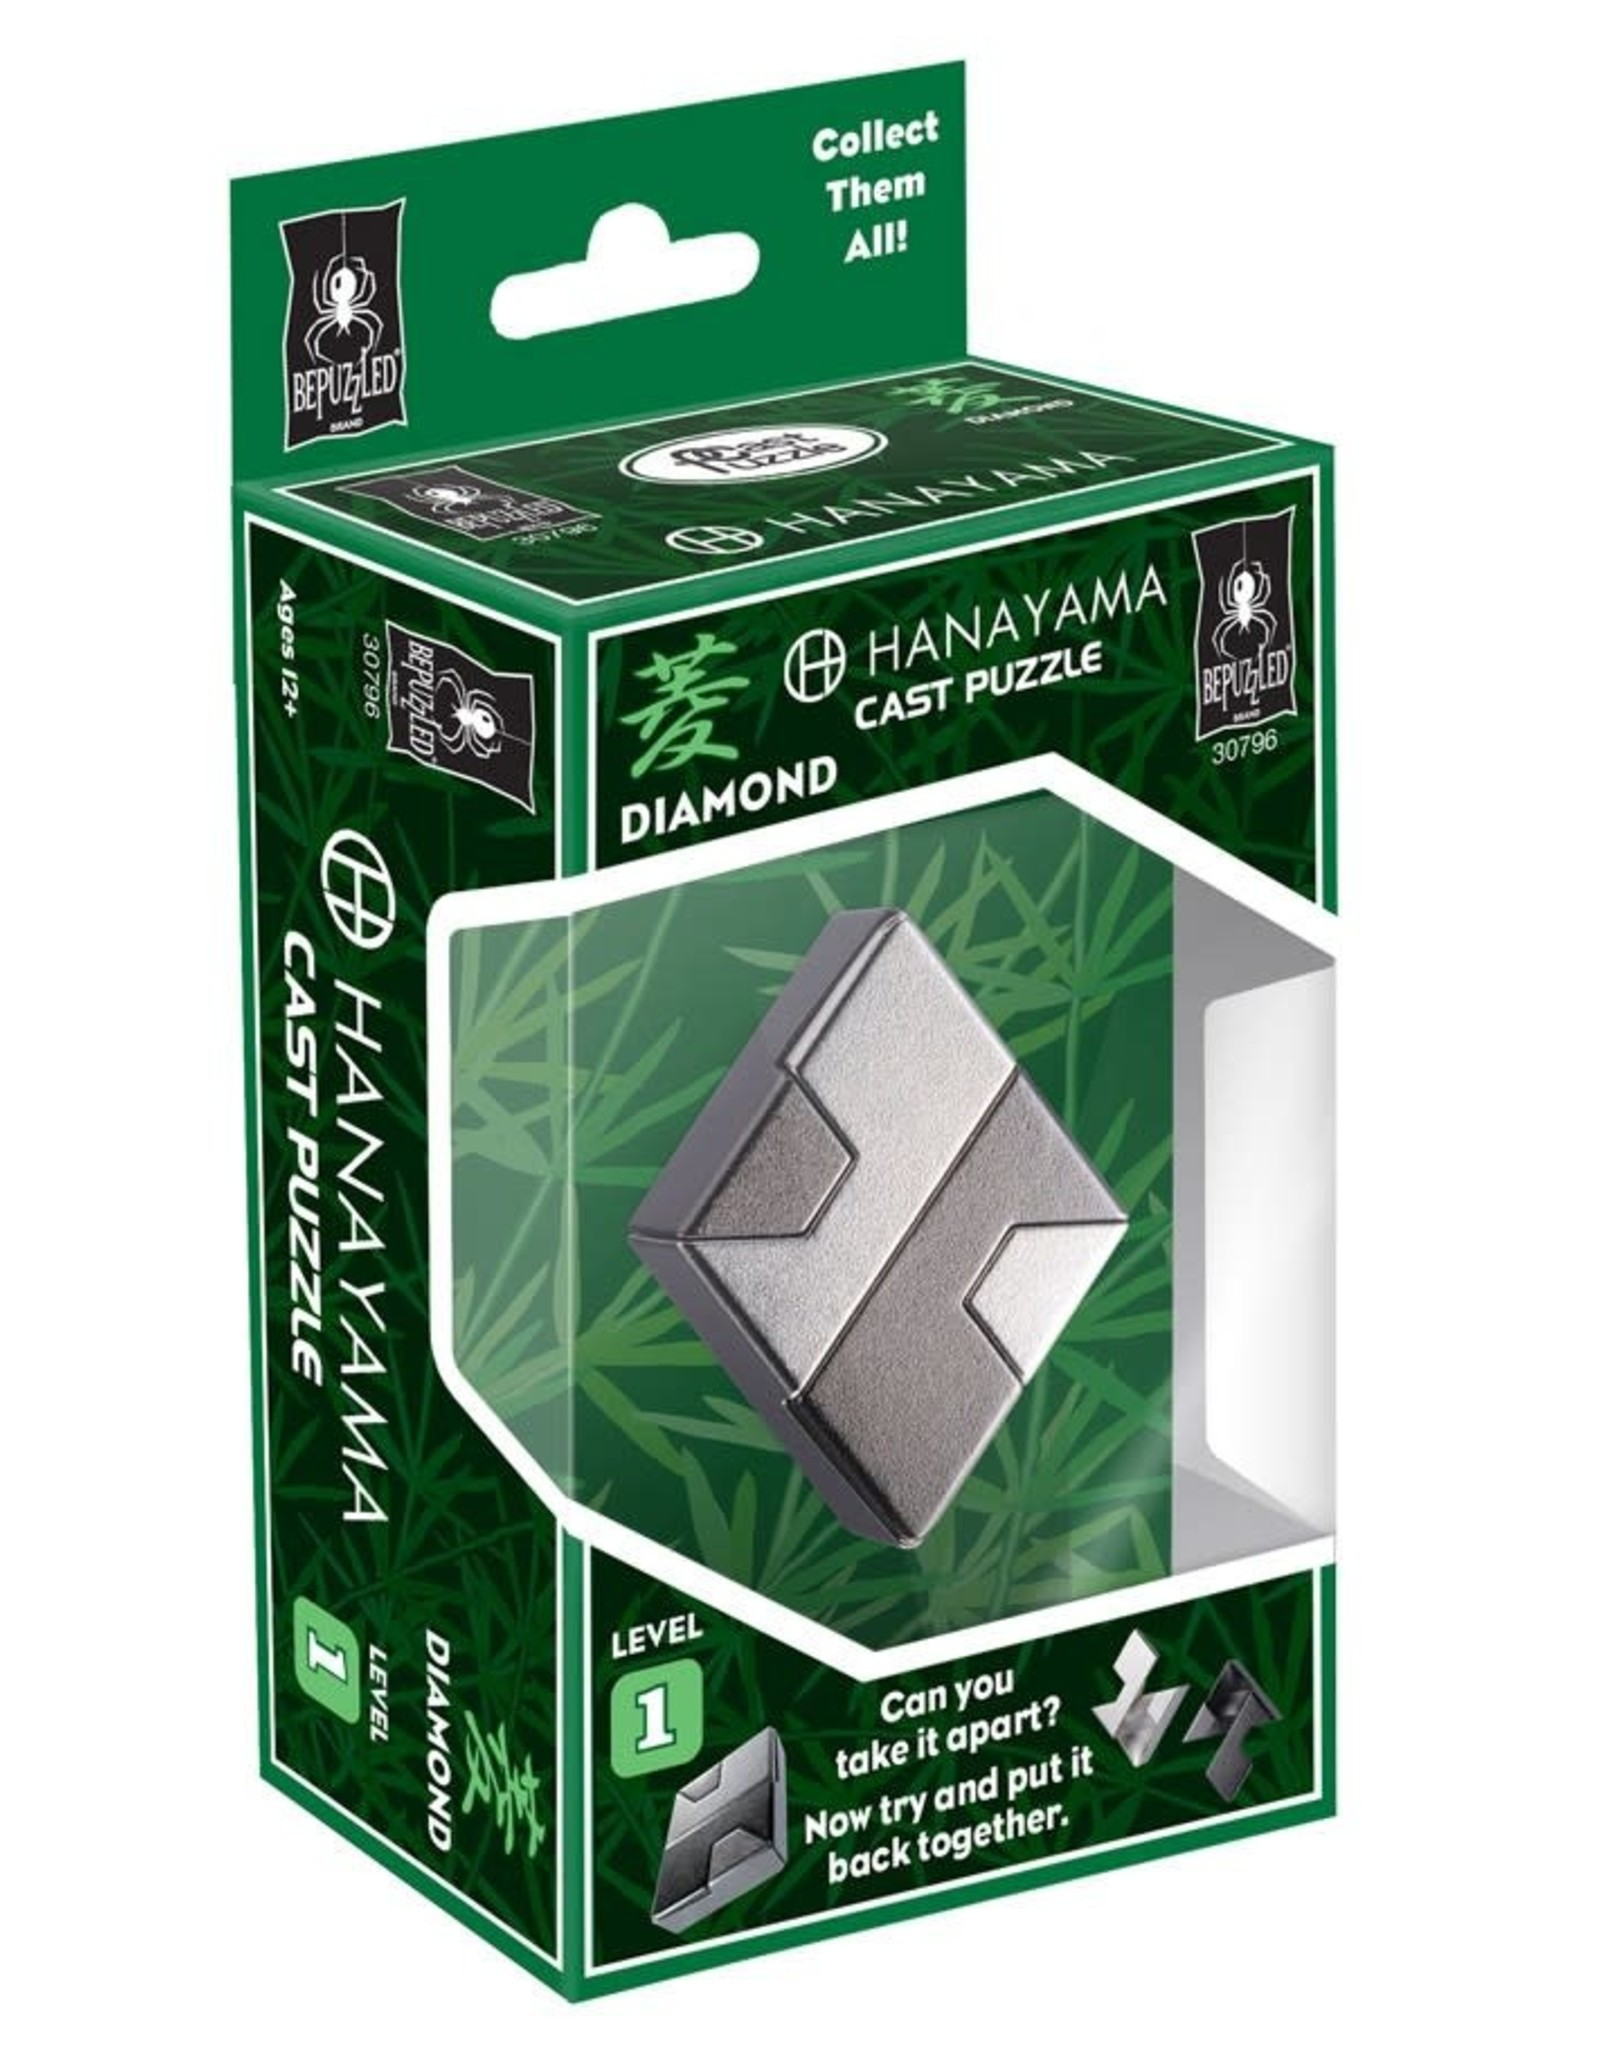 University Games Hanayama Puzzle: Diamond Lvl 1